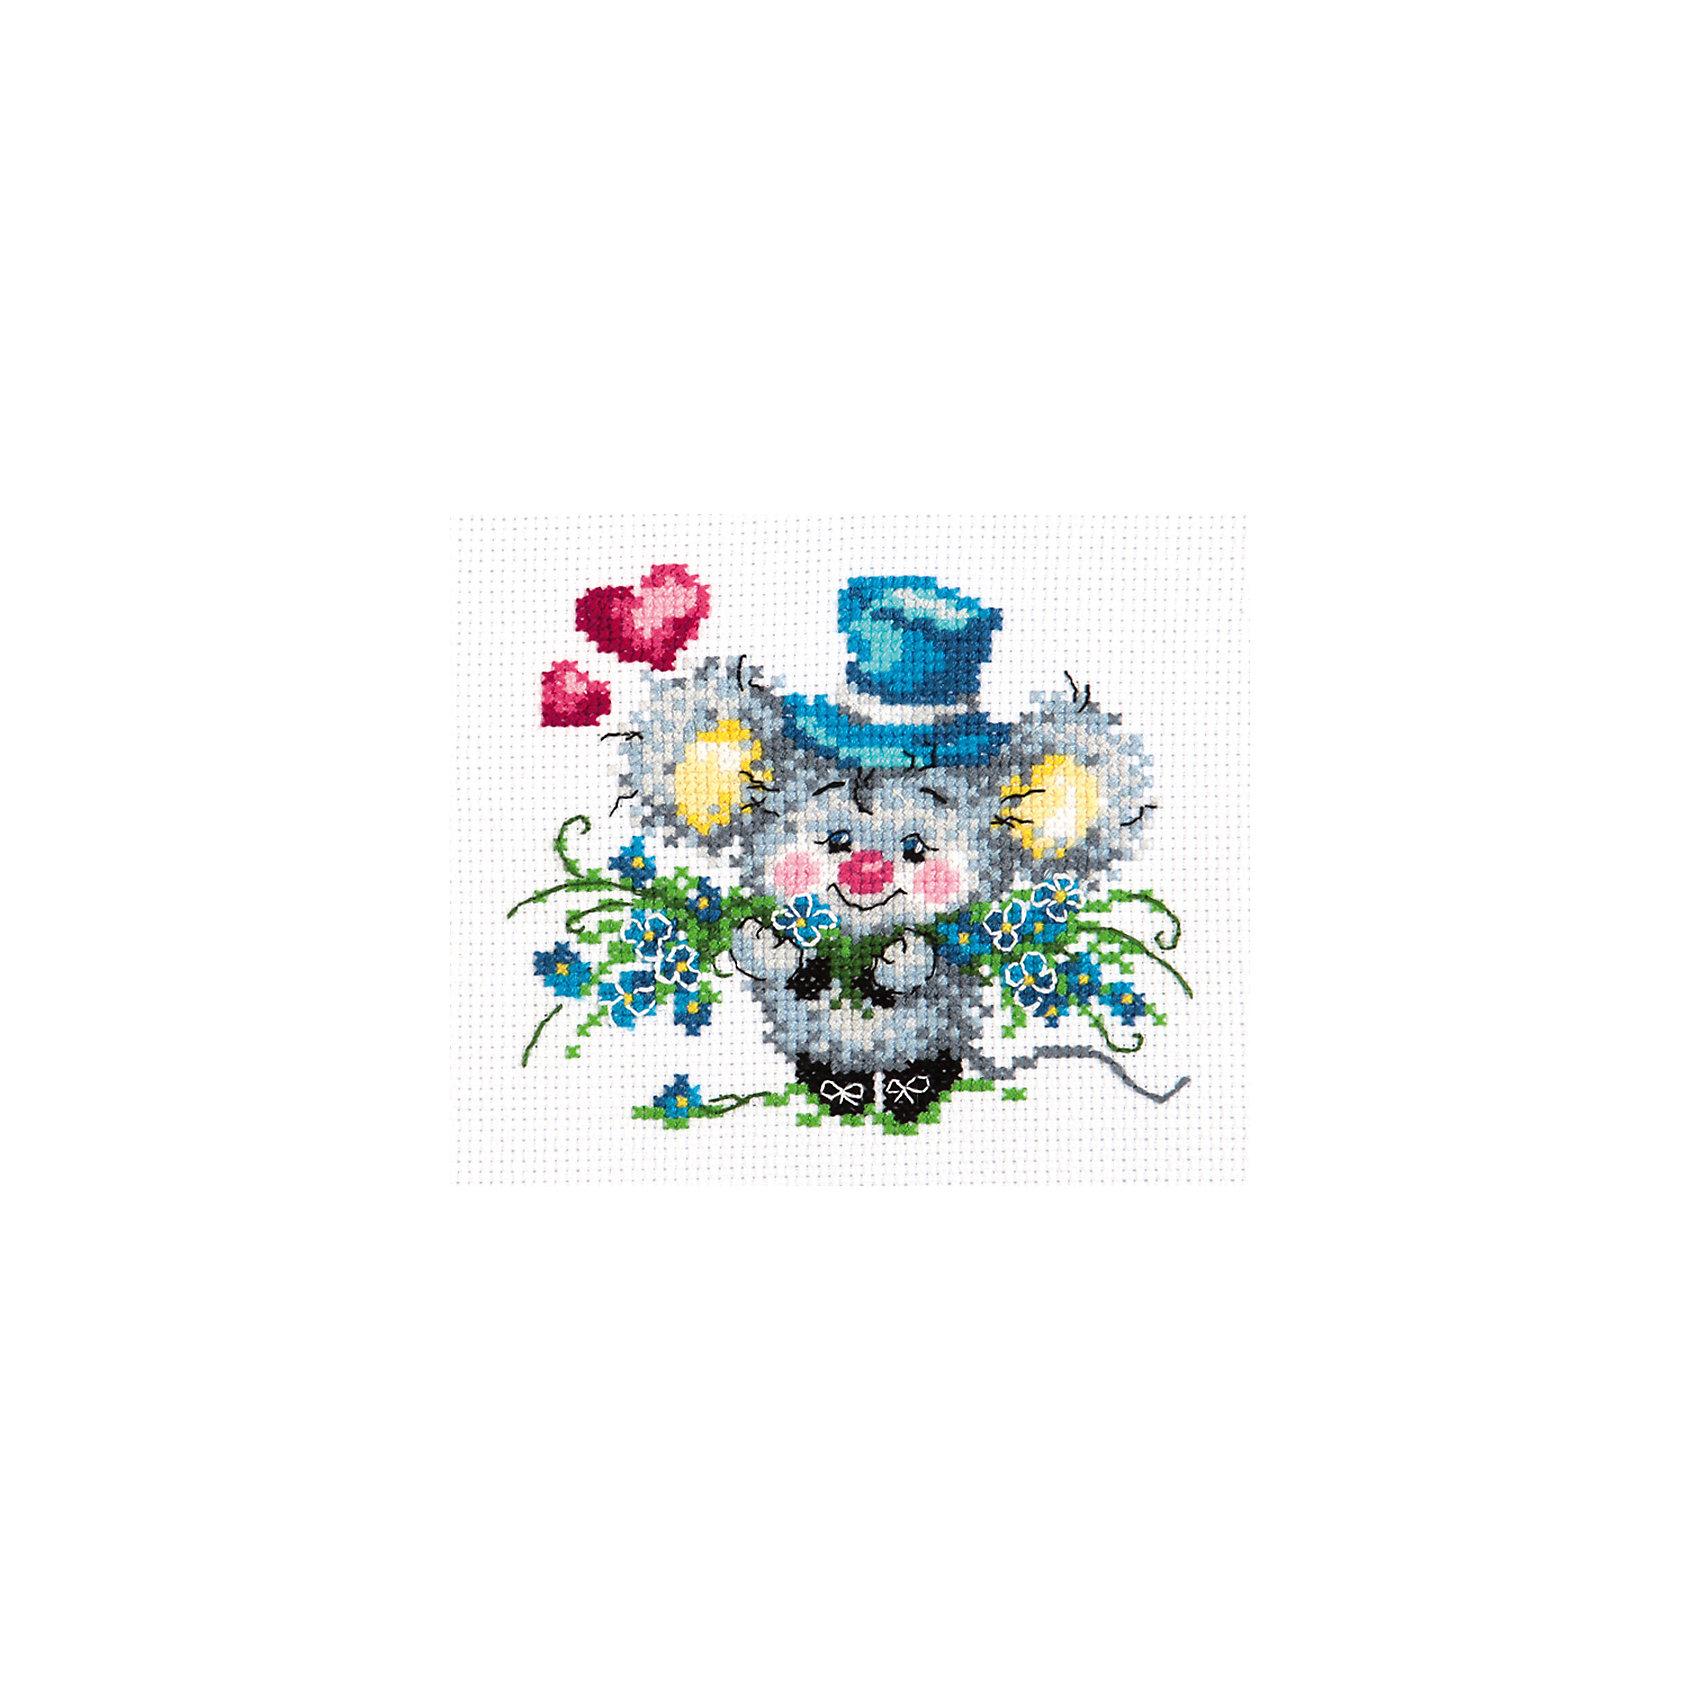 Чудесная игла Набор для вышивания крестом «Предлагаю руку и сердце!» набор для вышивания крестом luca s дневной котенок 5 5 х 10 см